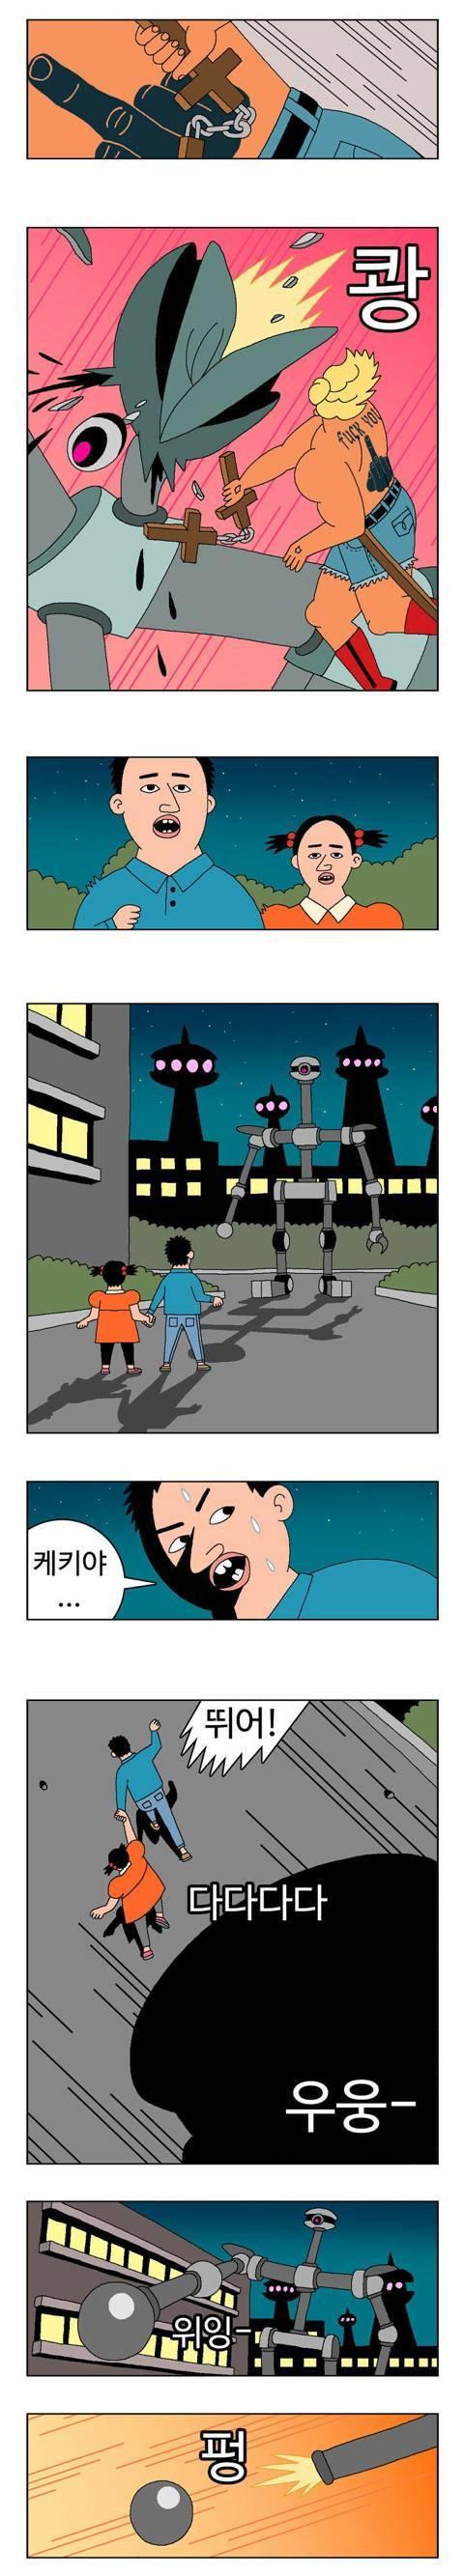 귀귀가 단순한 는 아니라는 생각이 들었던 만화.jpg   인스티즈